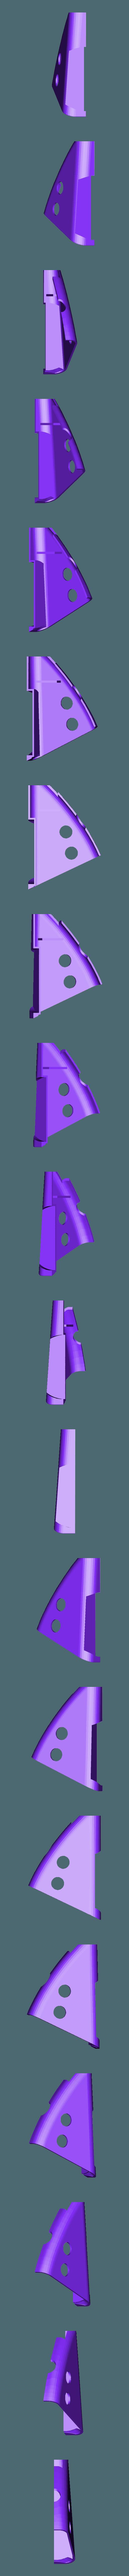 Mid_Body.stl Télécharger fichier STL gratuit Mario + Lapins Crétins - Plumer's Helper Boomshot • Modèle pour impression 3D, Dsk